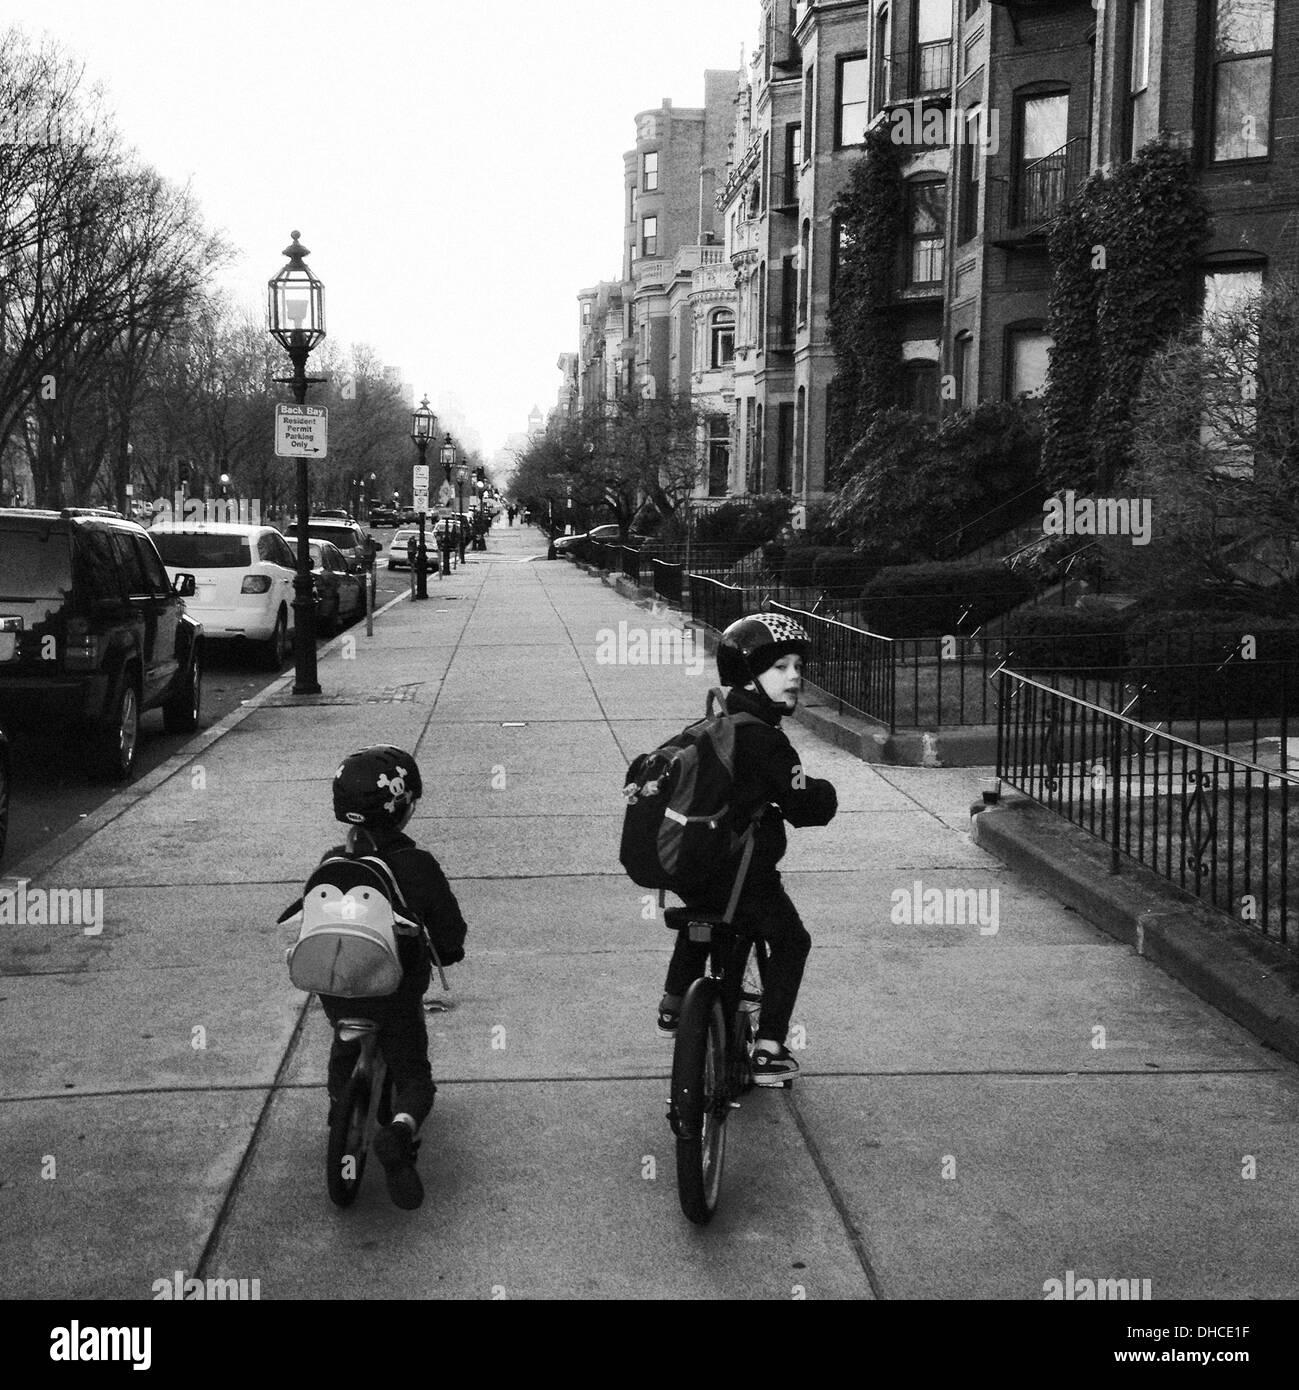 Due ragazzi in bicicletta sul marciapiede urbano, vista posteriore Immagini Stock